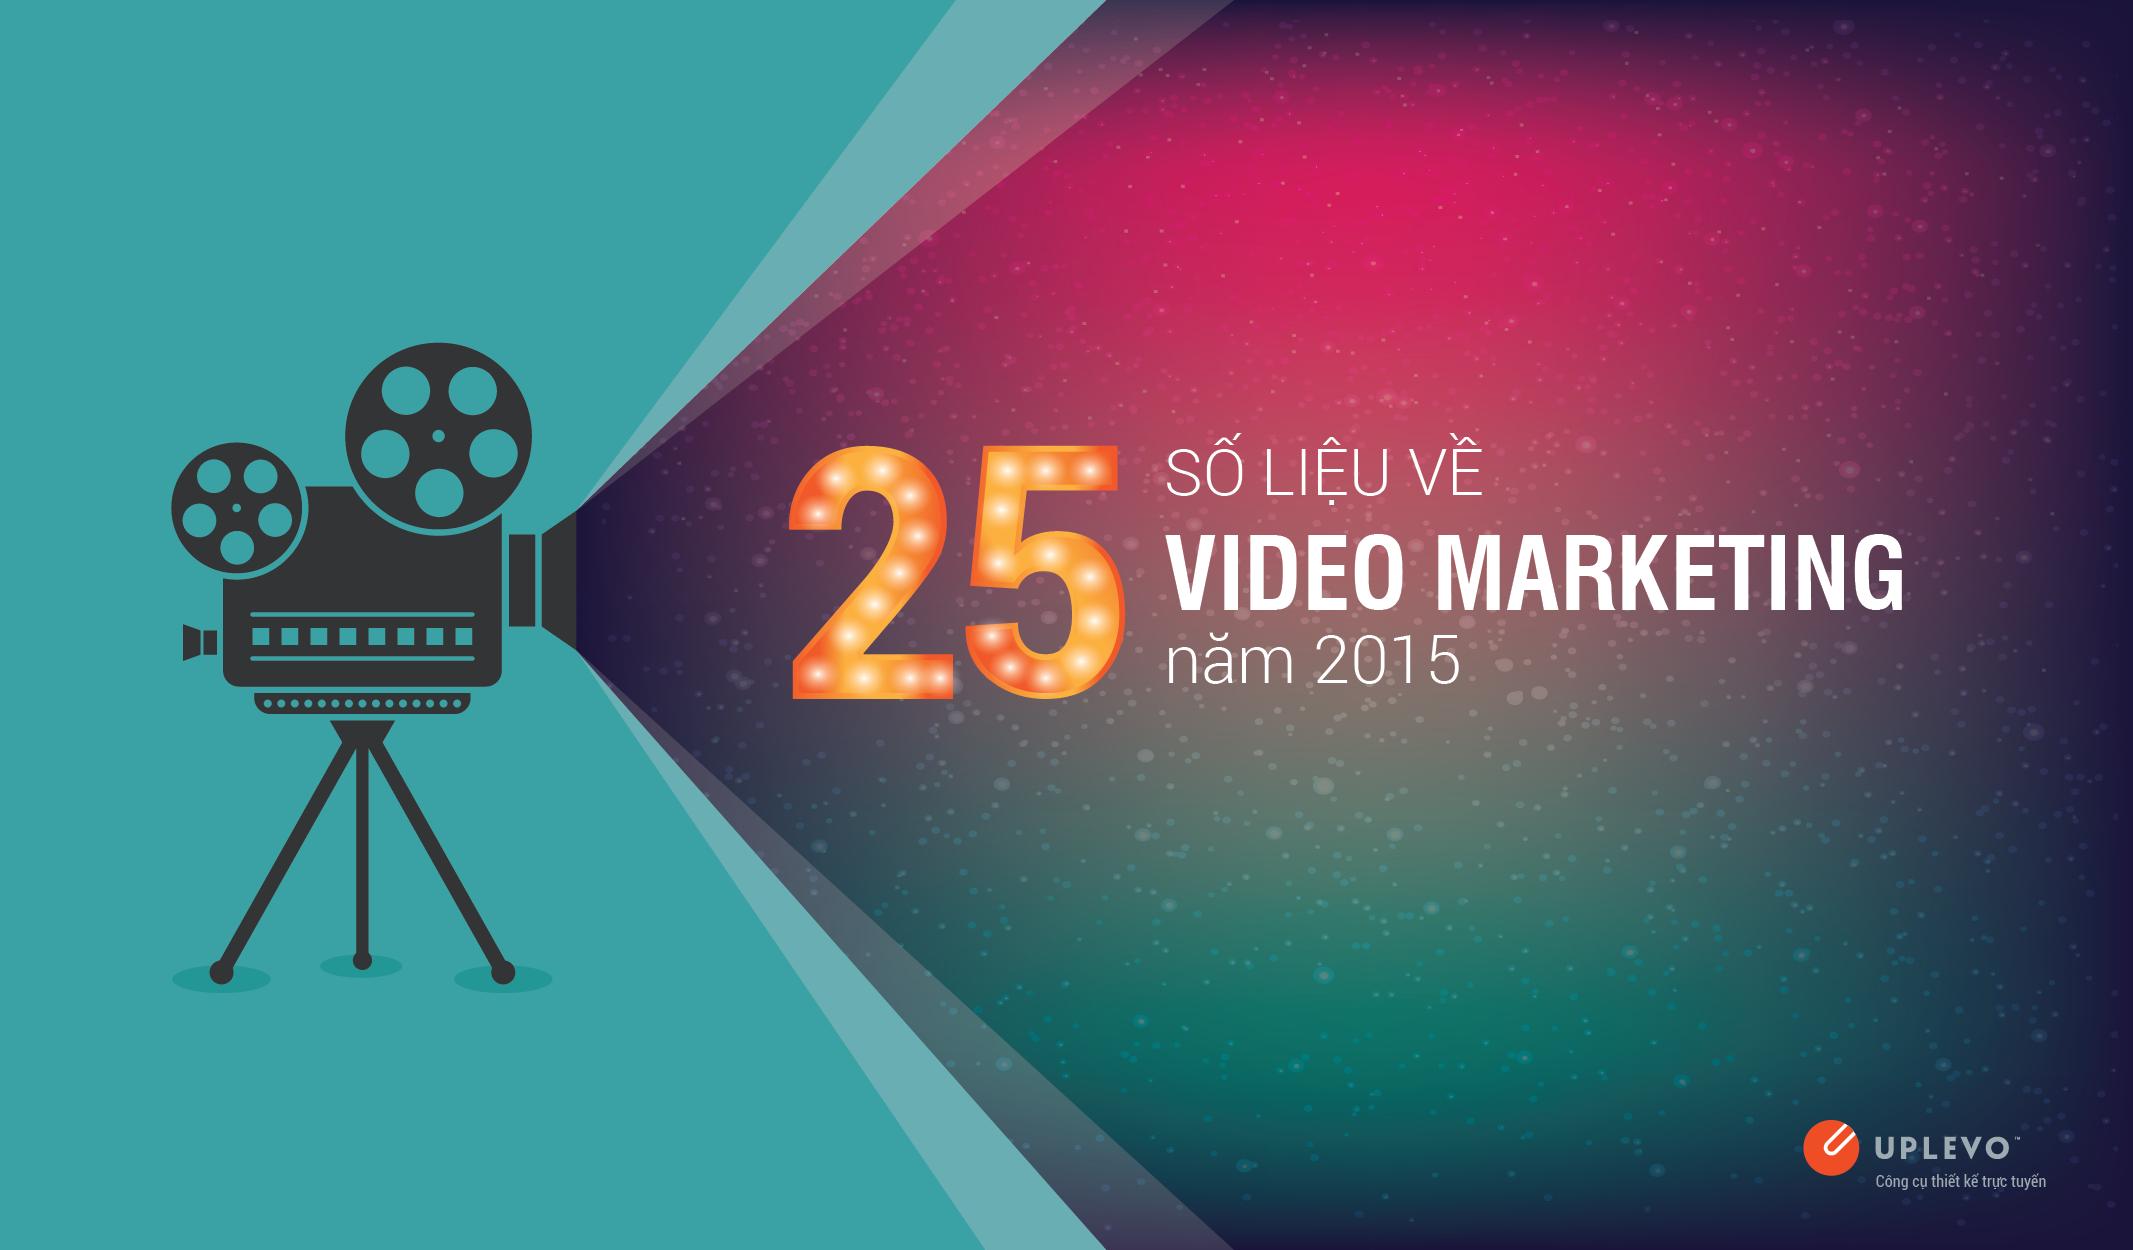 25 số liệu về video marketing năm 2015